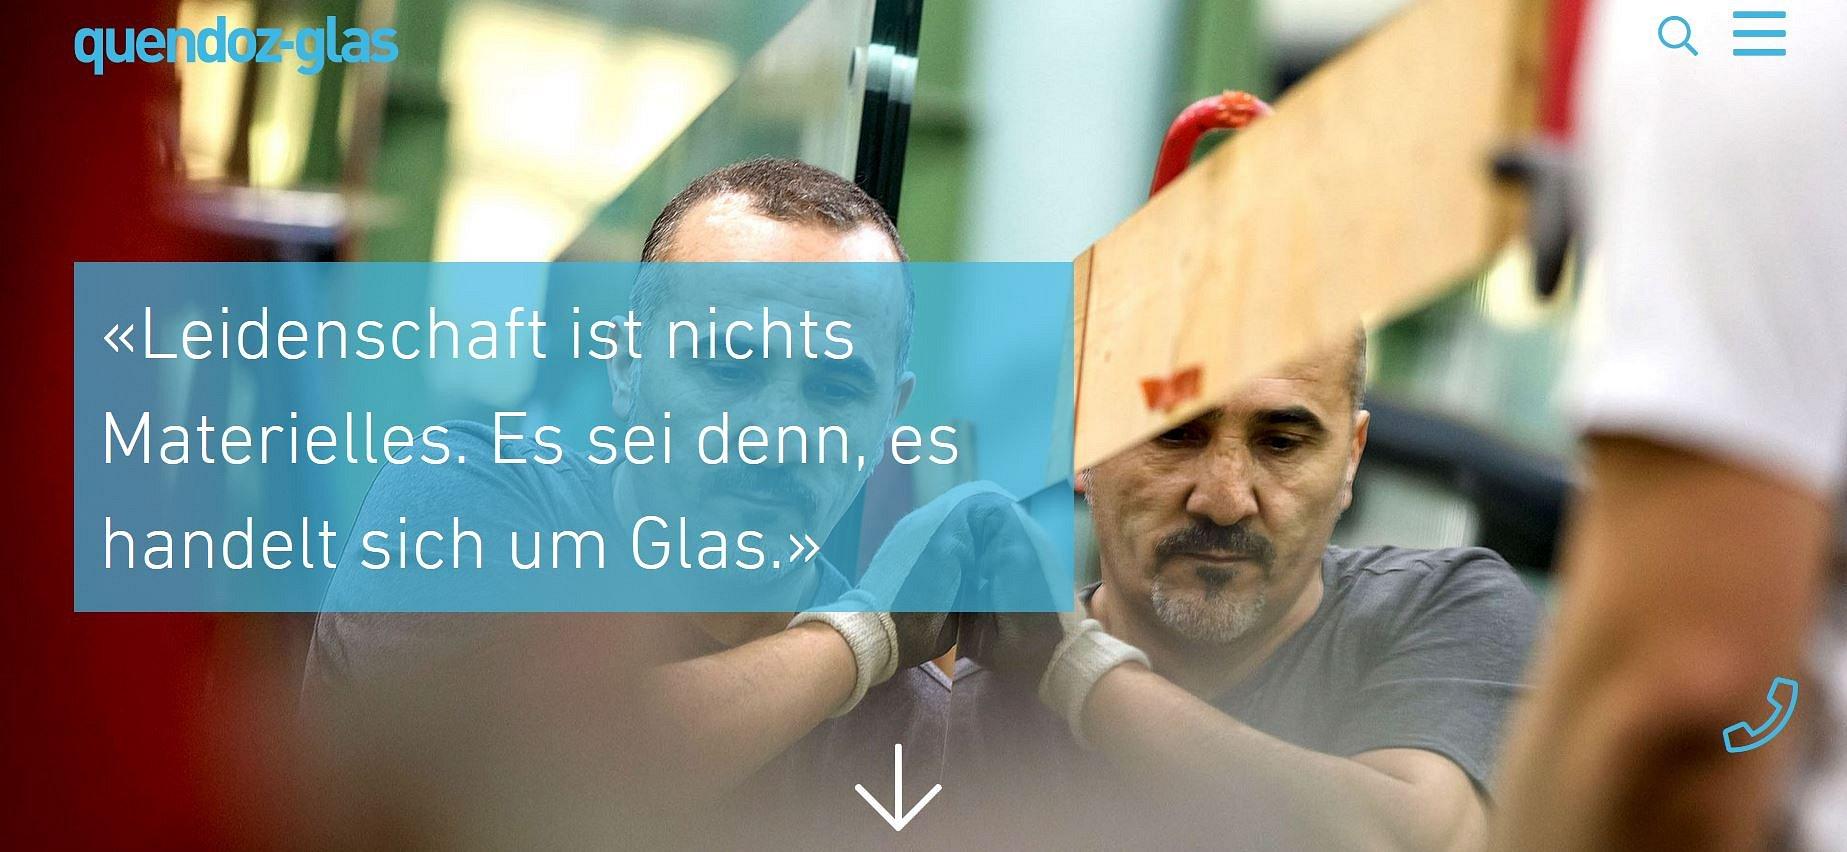 Quendoz Glas AG